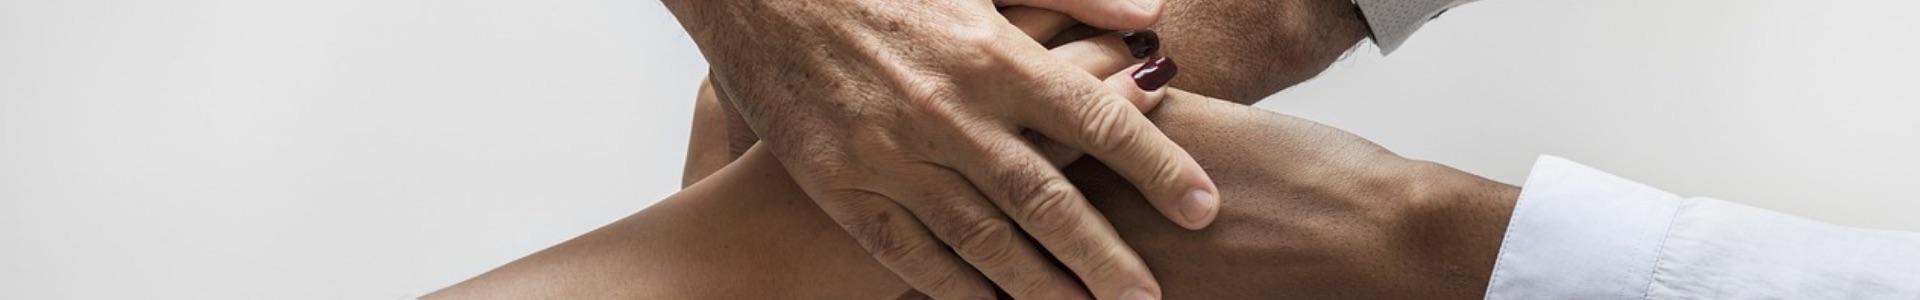 ayuda preparación ope enfermería